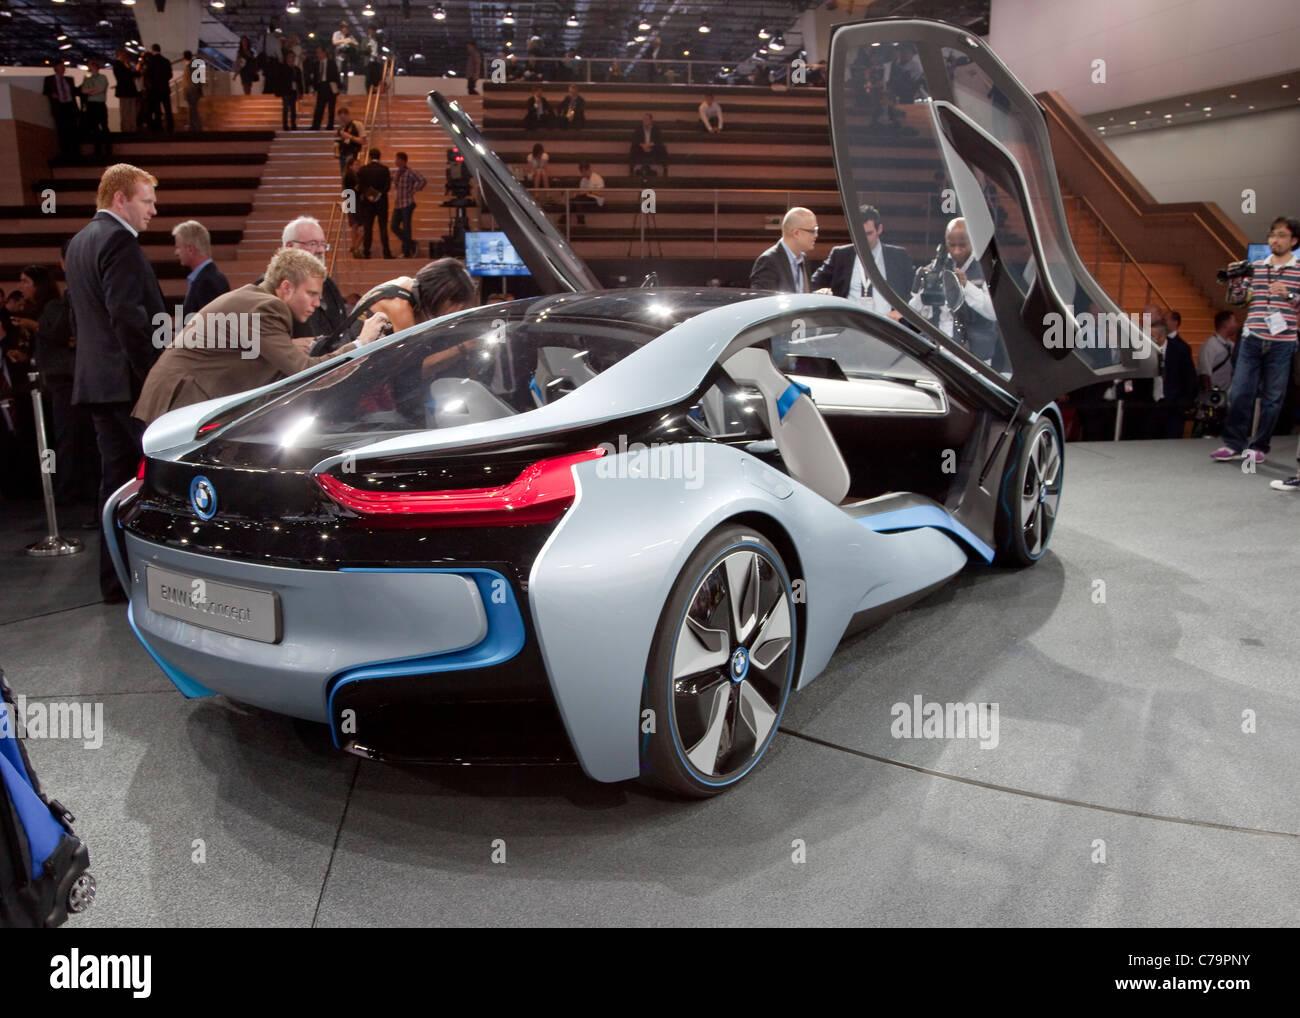 Neue BMW i8 Concept Elektroauto auf der IAA 2011 International Motor Show in Frankfurt Am Main, Deutschland Stockfoto